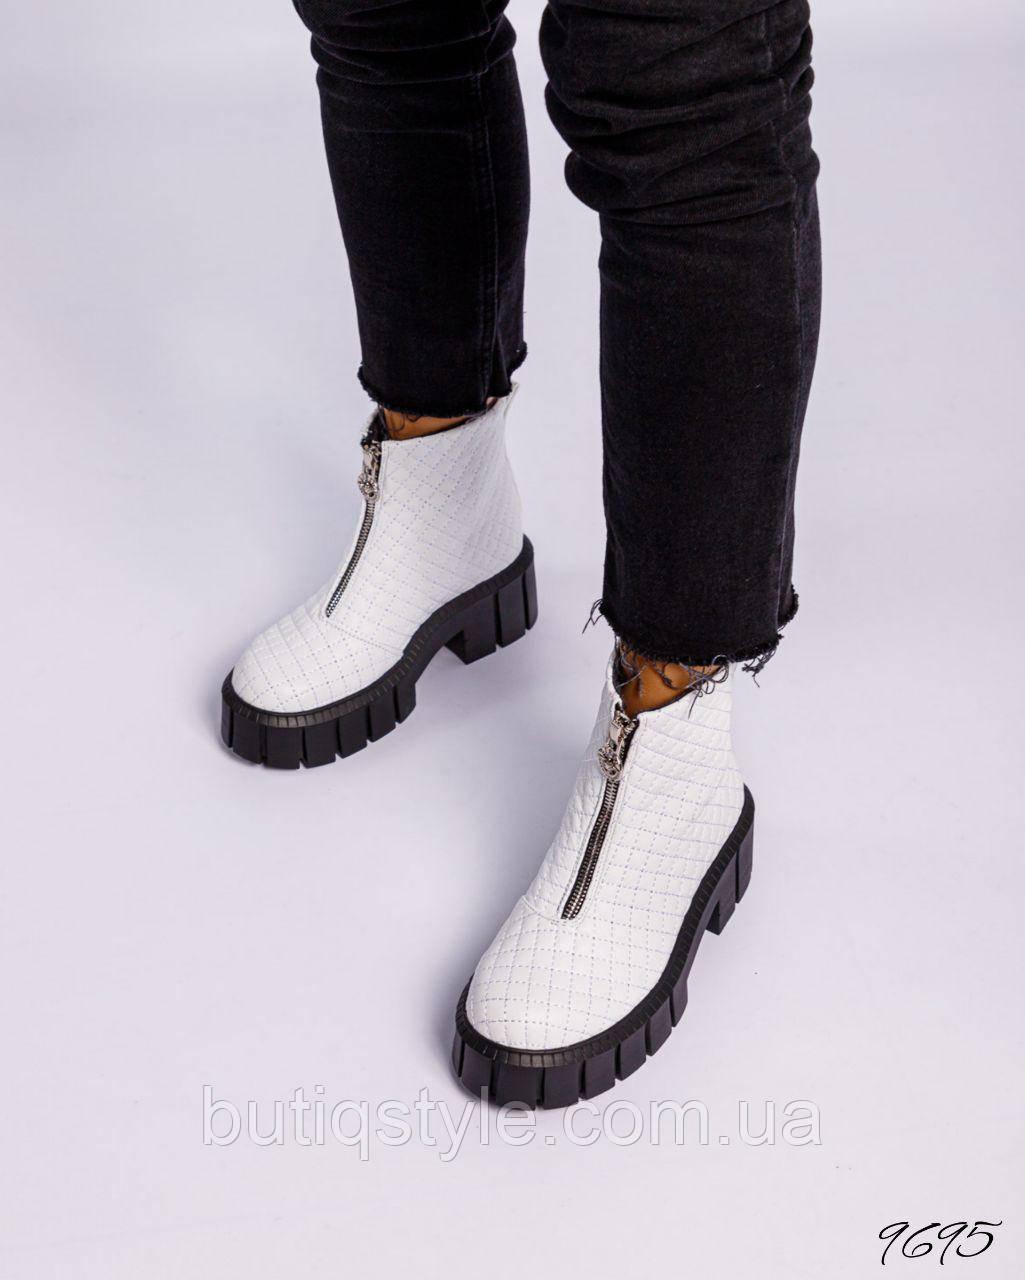 Жіночі білі стьобані черевики натуральна шкіра на блискавці Демі